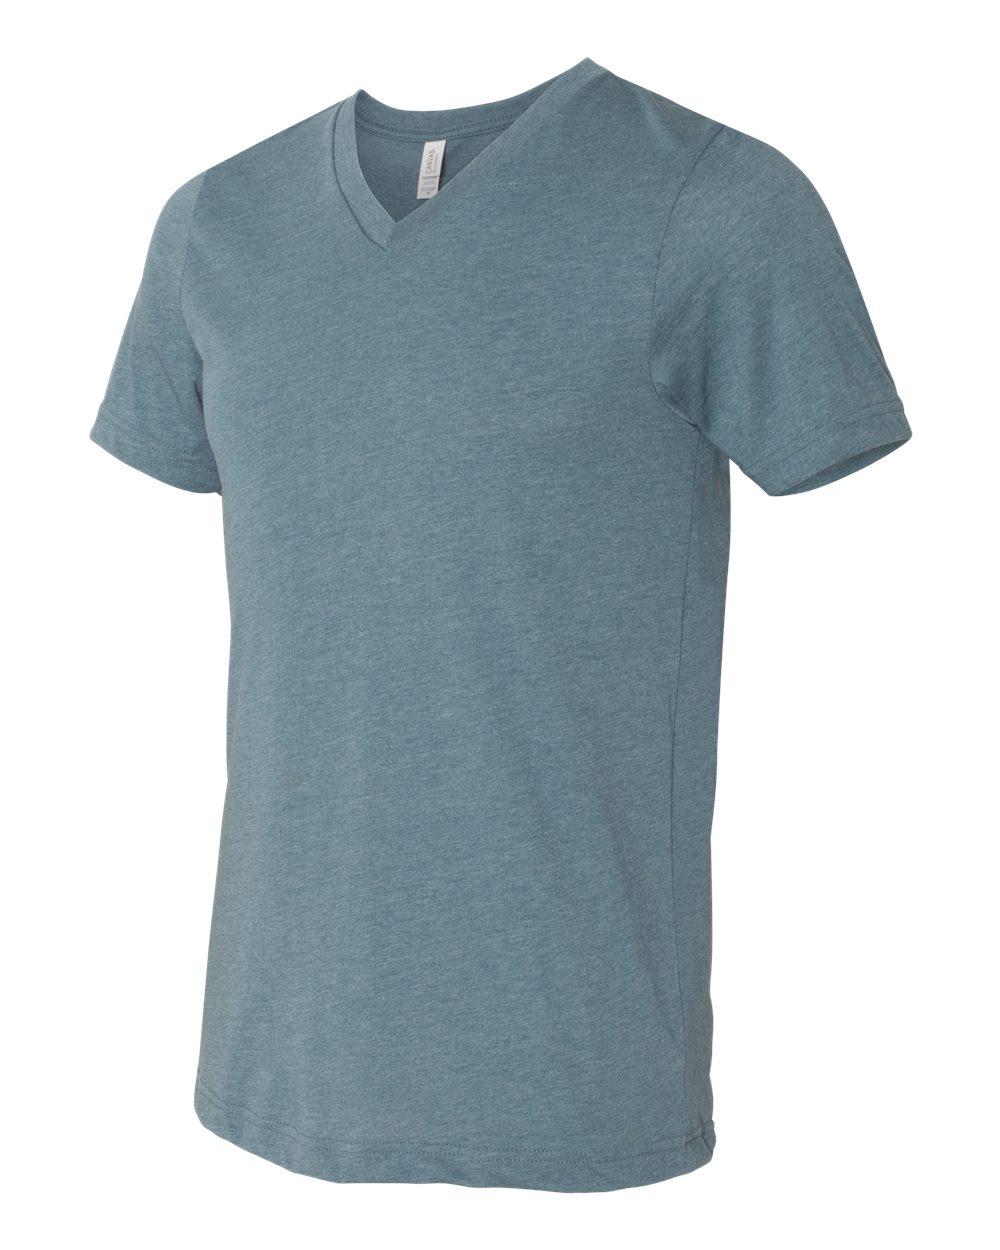 Bella-Canvas-Men-039-s-Jersey-Short-Sleeve-V-Neck-T-Shirt-3005-XS-3XL thumbnail 124